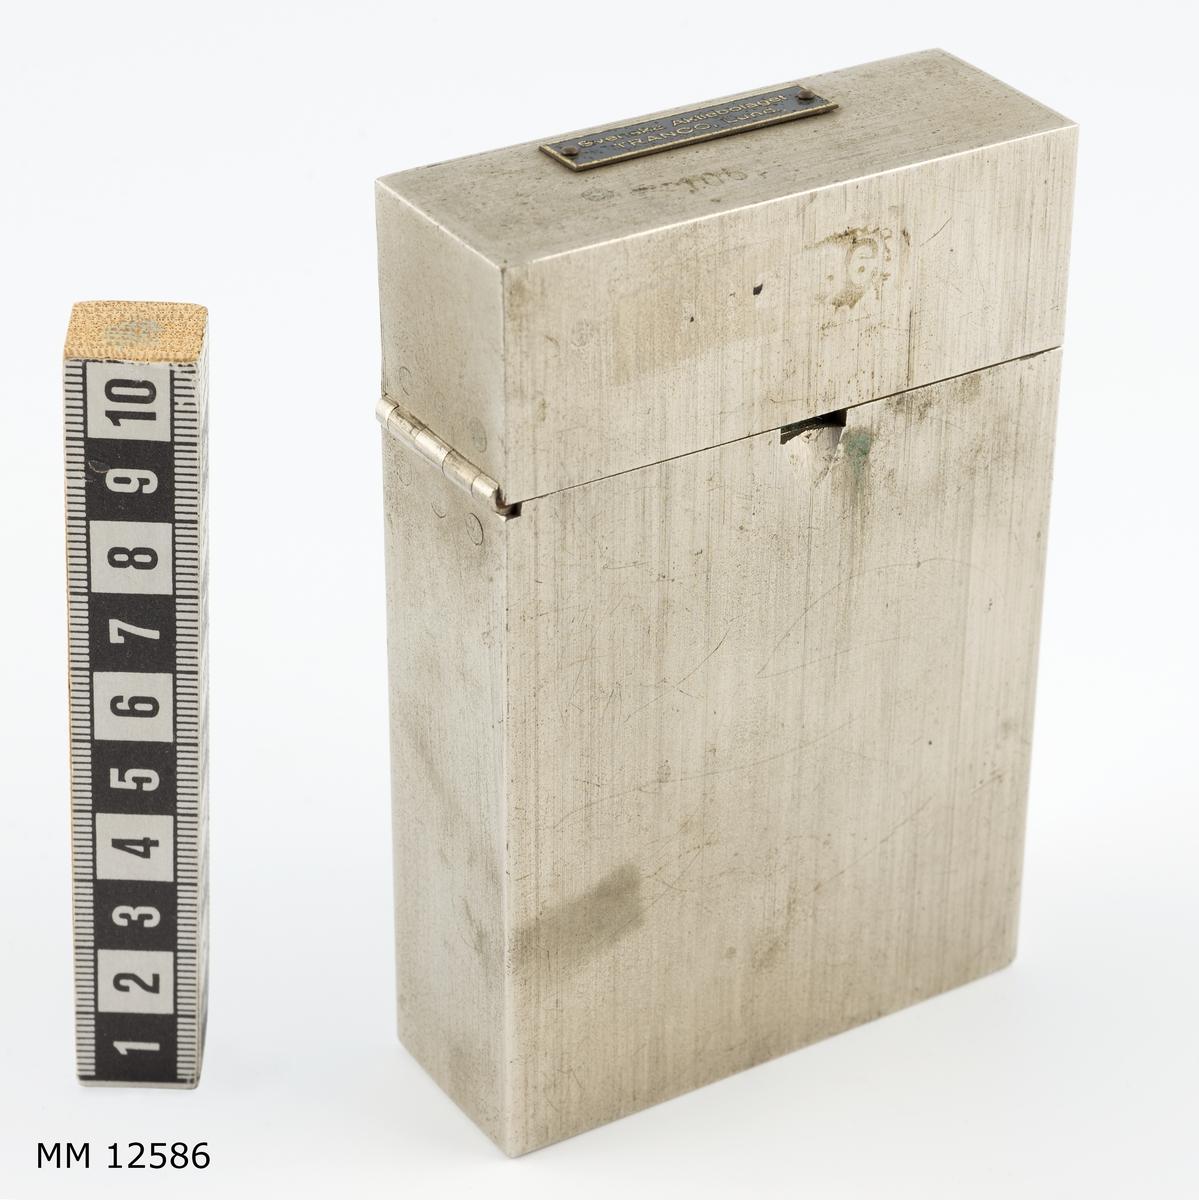 Består av ett fodral av metall med löst insatt plåtställning. På denna en tub med indikeringspapper och el.glödlampa med torrbatteri. I fodralets lock en tub med indikeringsvätska.